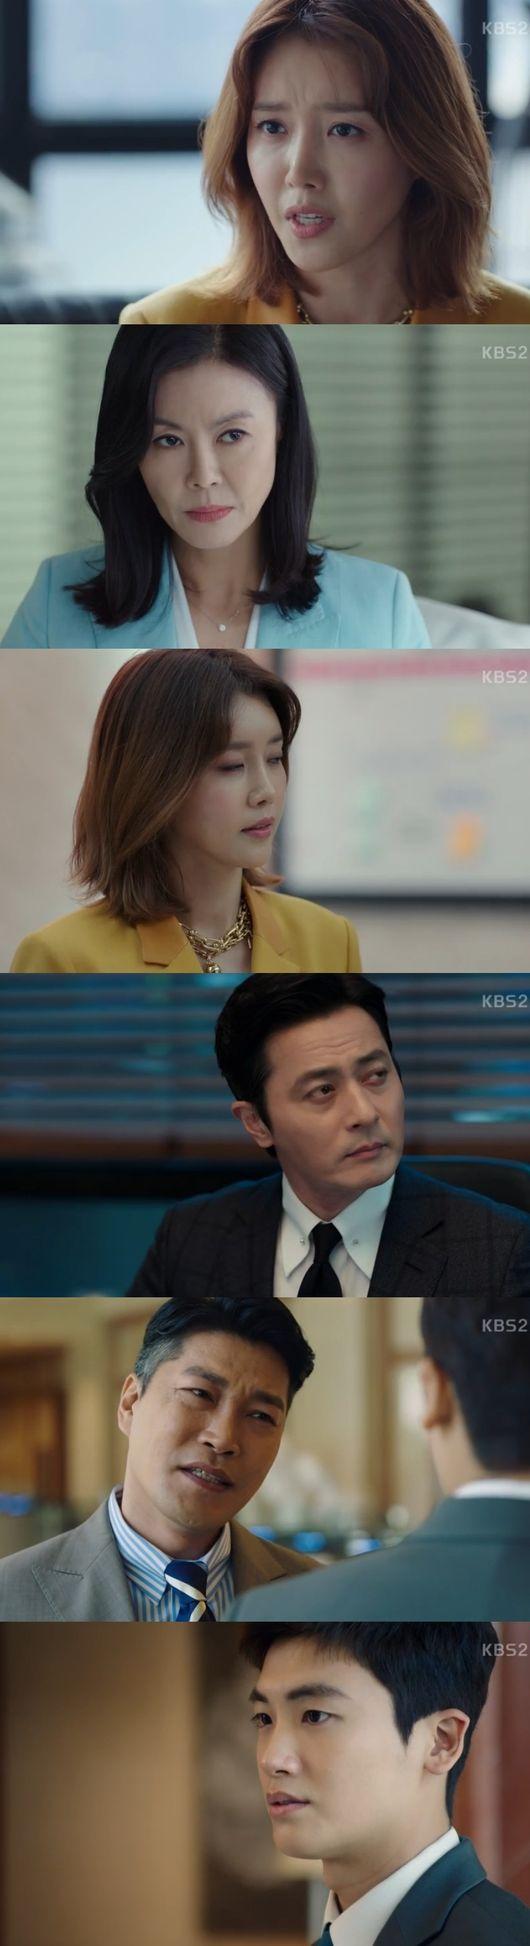 '슈츠' 채정안, 위기 장동건 구했다..박형식 수습 뗐다[종합]